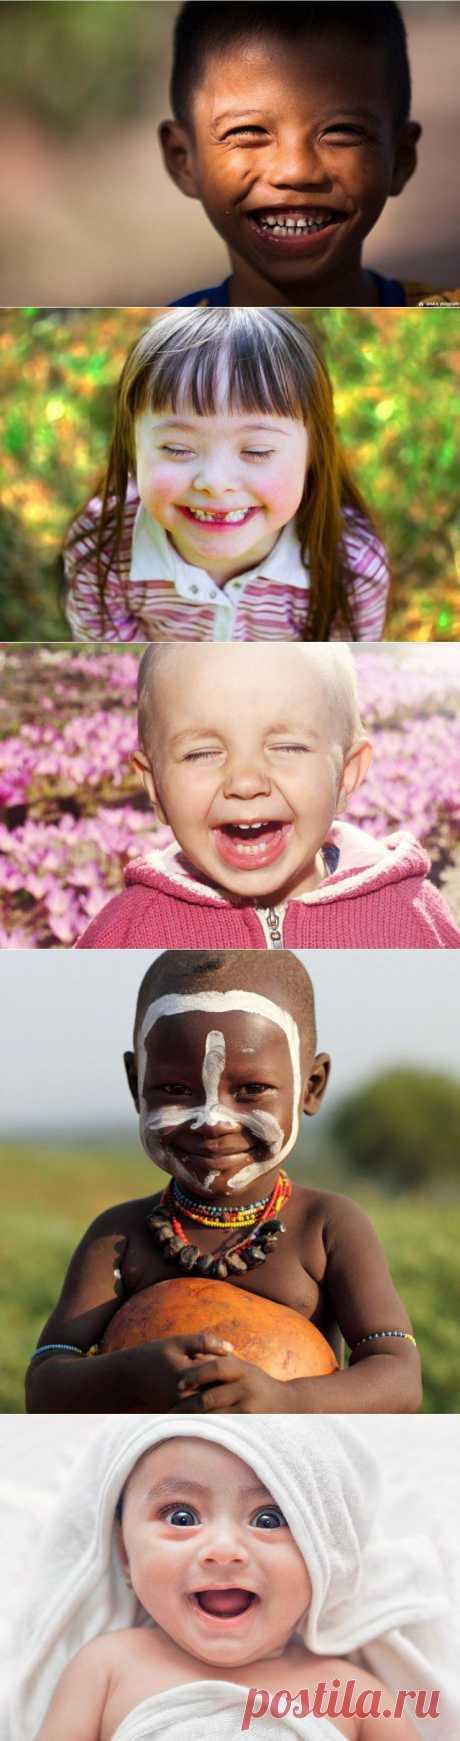 42 счастливых ребенка по всему миру .